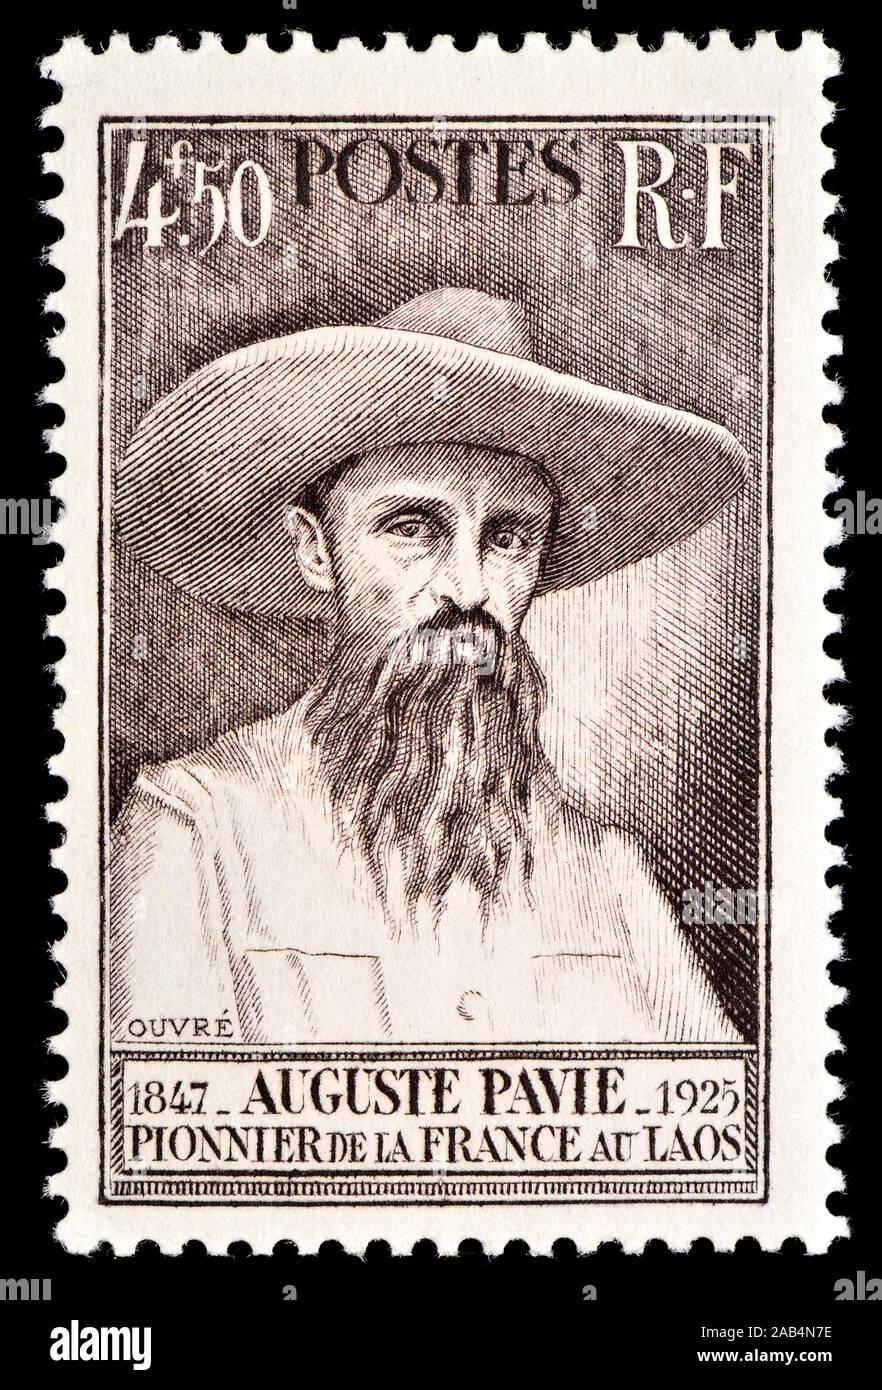 Timbre-poste français (1947): Jean-Marie Auguste Pavie (1847 - 1925) fonctionnaire colonial français, explorateur et diplomate qui a joué un rôle déterminant dans l'esta Banque D'Images